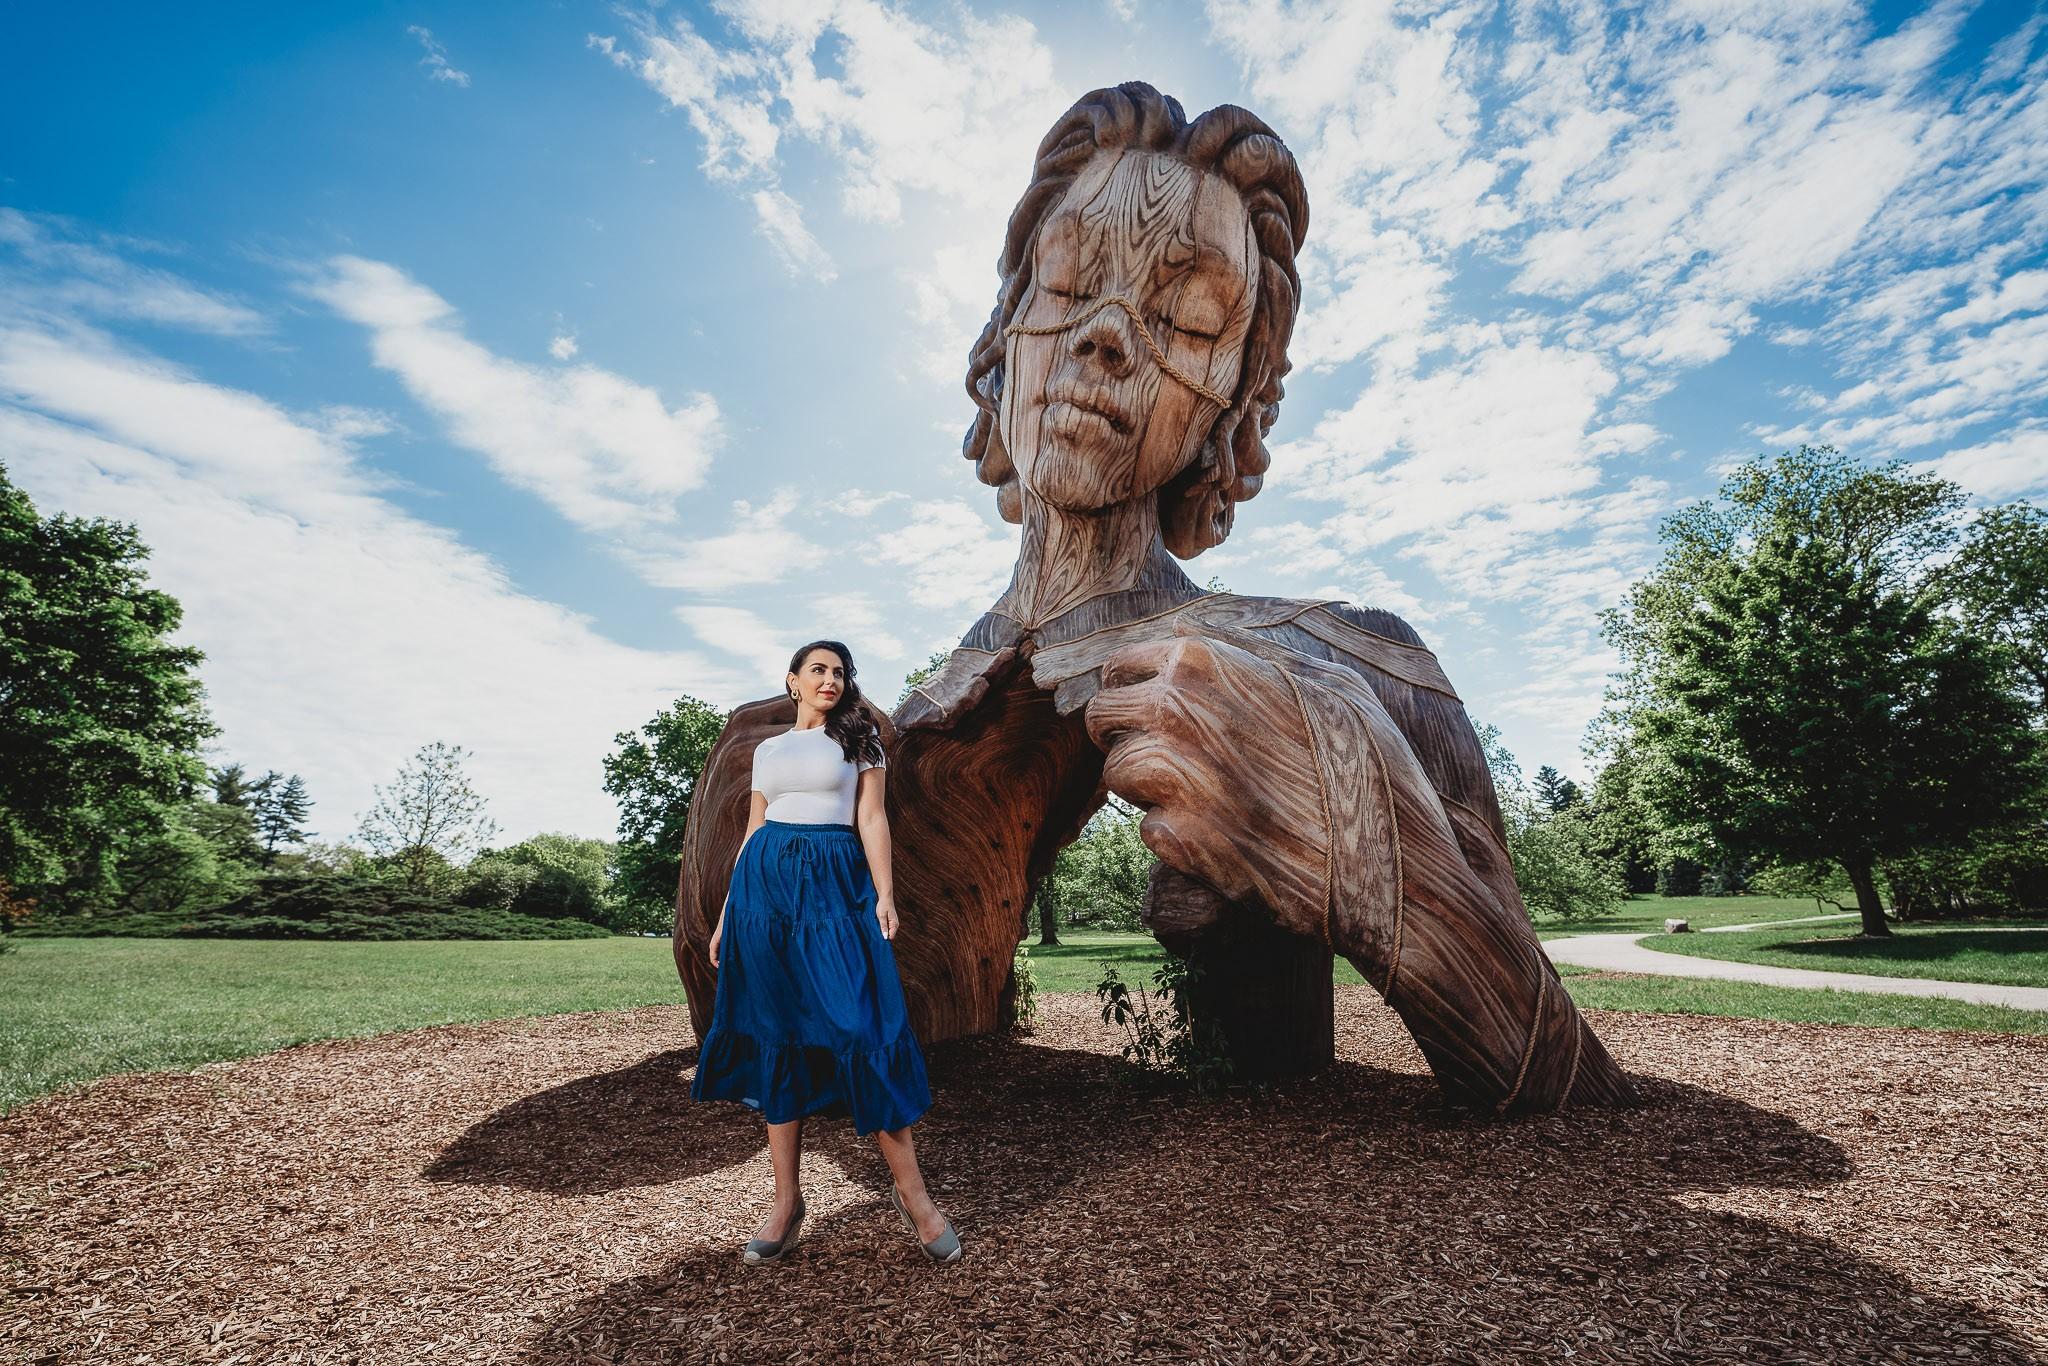 New in Chicago: Morton Arboretum's 'Human+Nature' Exhibit